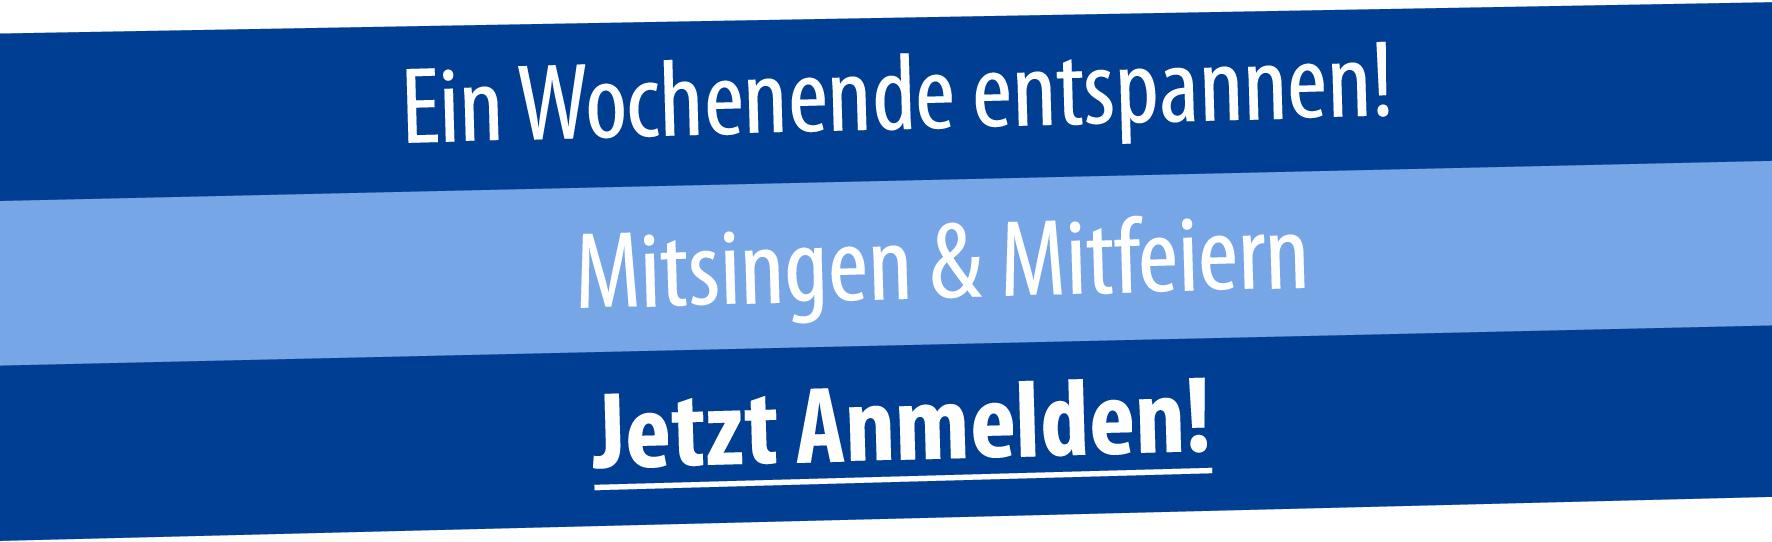 Gospel Bremen - Entspannen und Mitsingen!